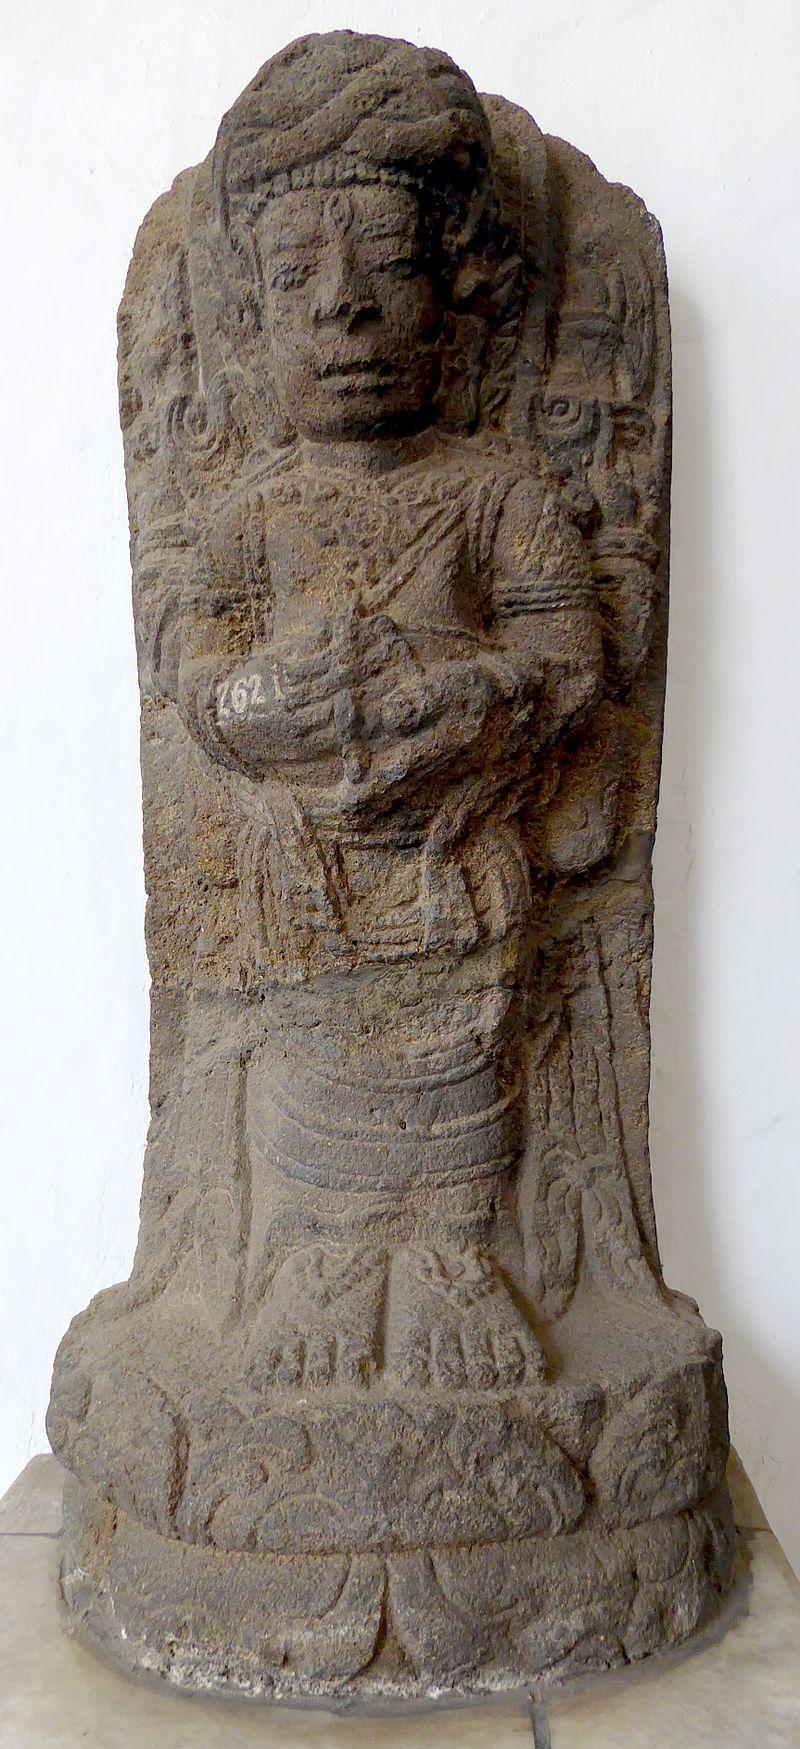 073 Siva Mahaguru Agastya, Kediri, East Java, 12-13th c (23407506591).jpg